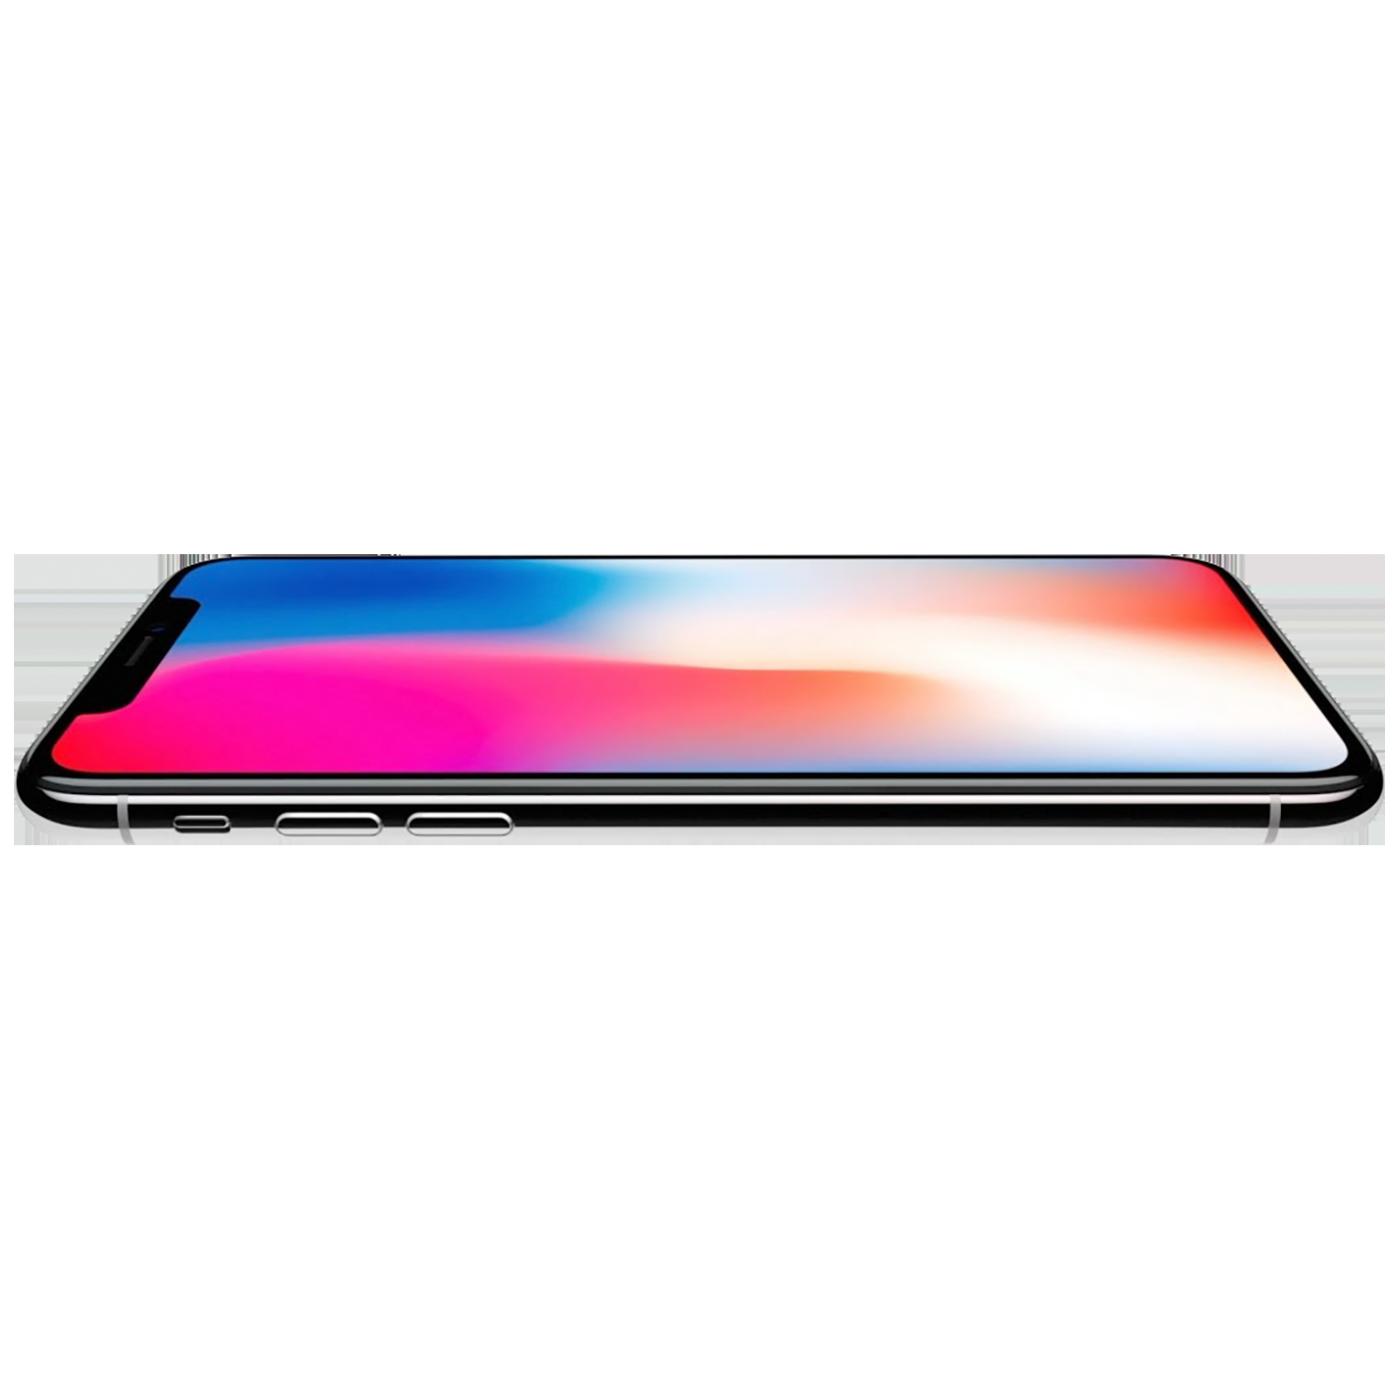 iPhone X, MQAC2CN/A